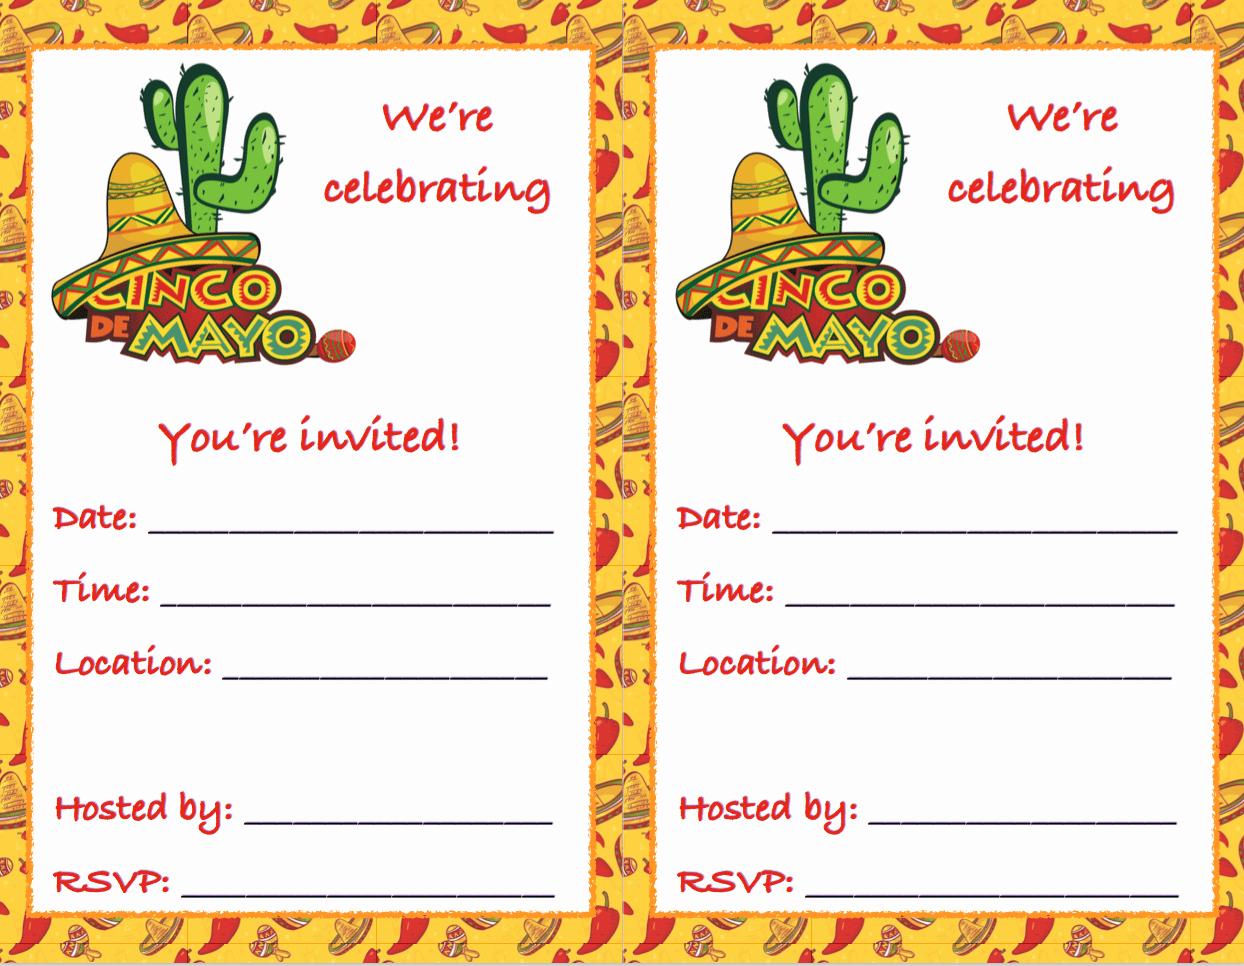 Cinco De Mayo Invite Template New Free Printable Cinco De Mayo Invitations 2 Different